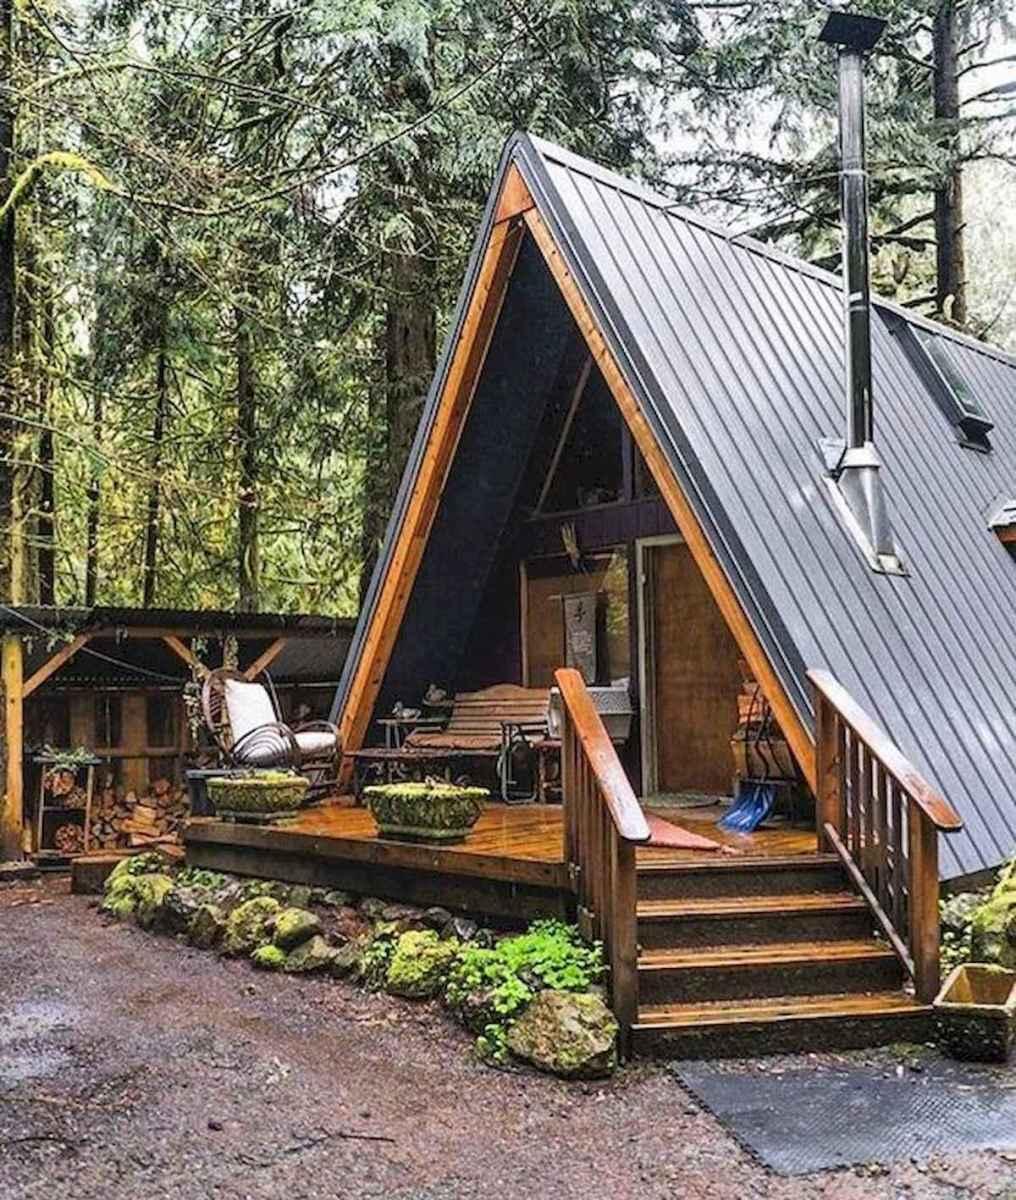 Small Cabin Design Ideas: 70 Fantastic Small Log Cabin Homes Design Ideas (21